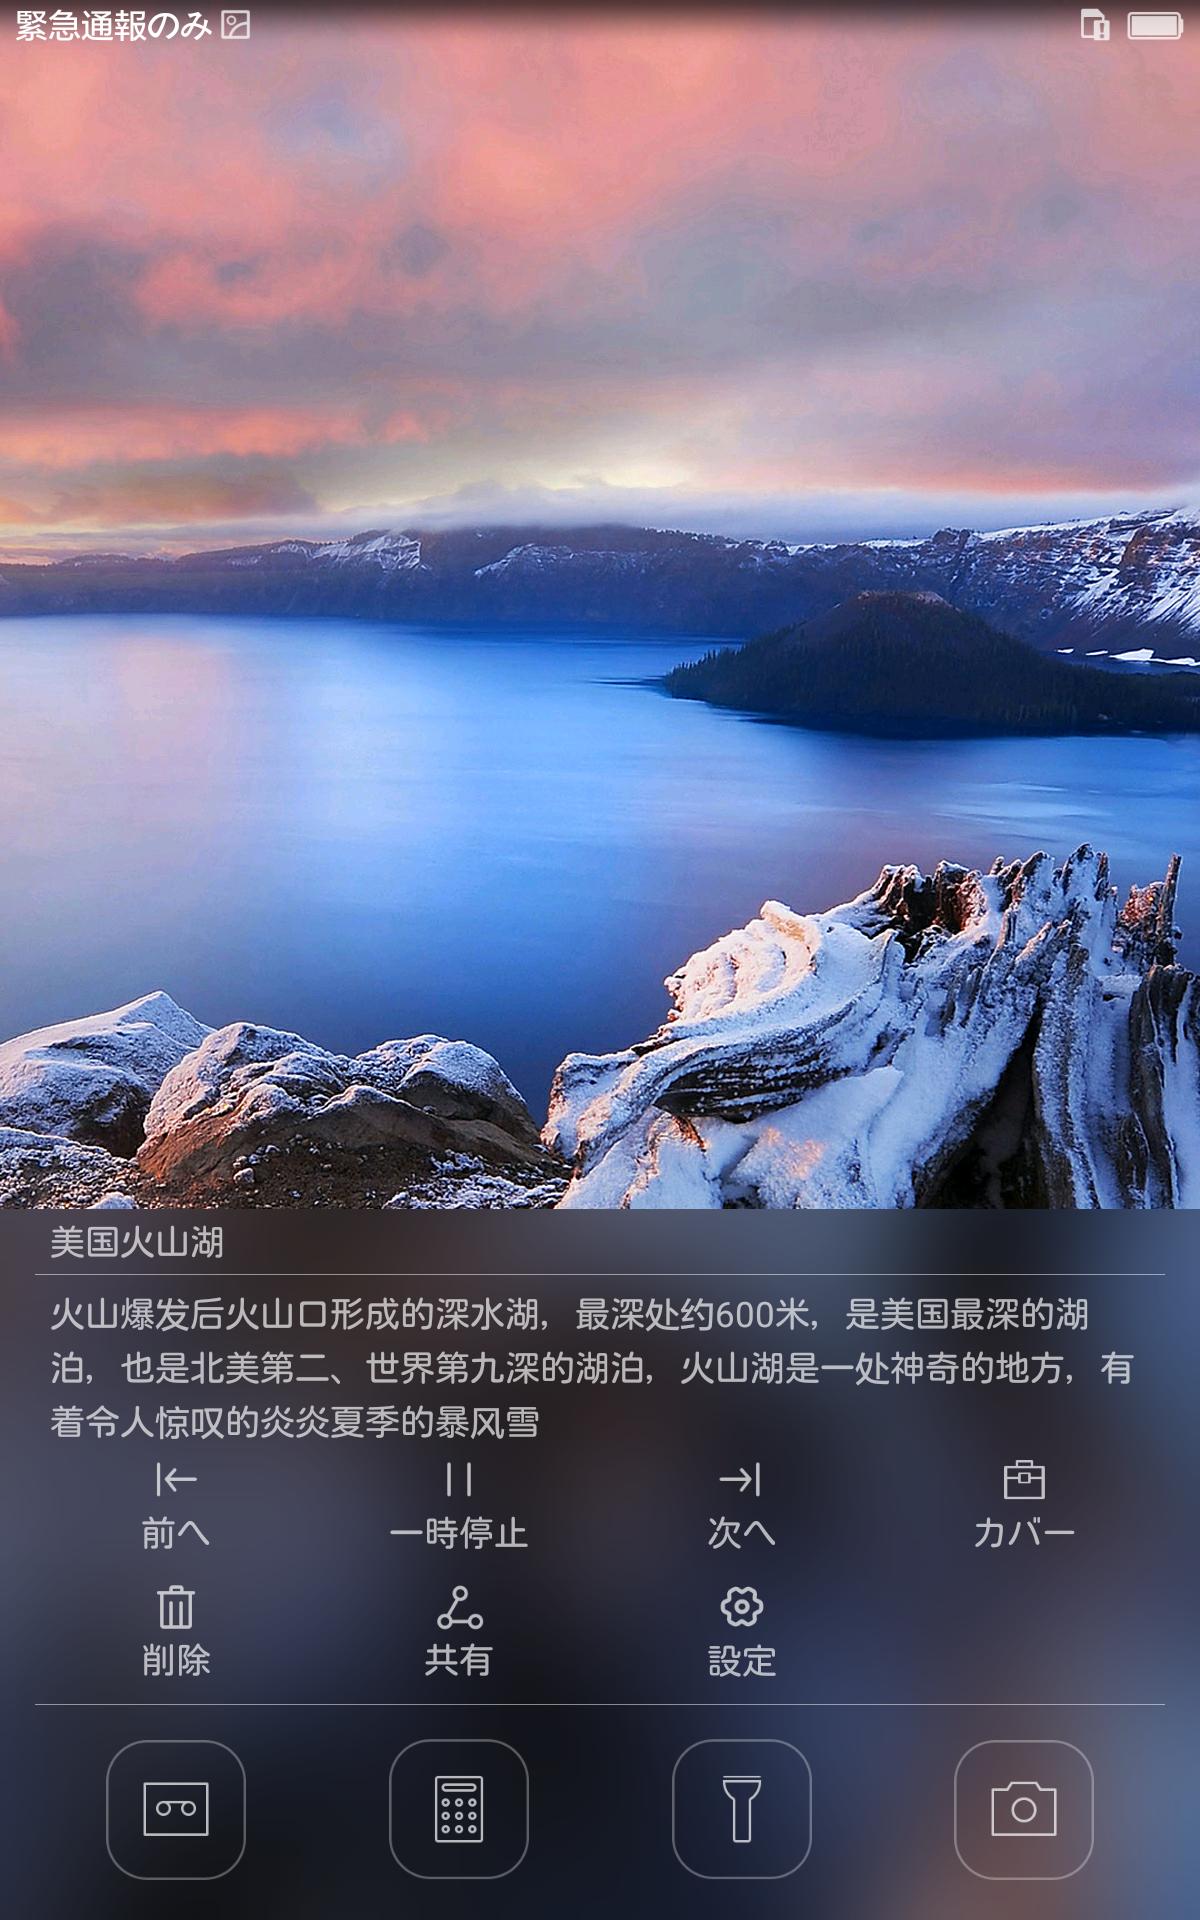 スクリーンロック画面は画像の説明が中国語